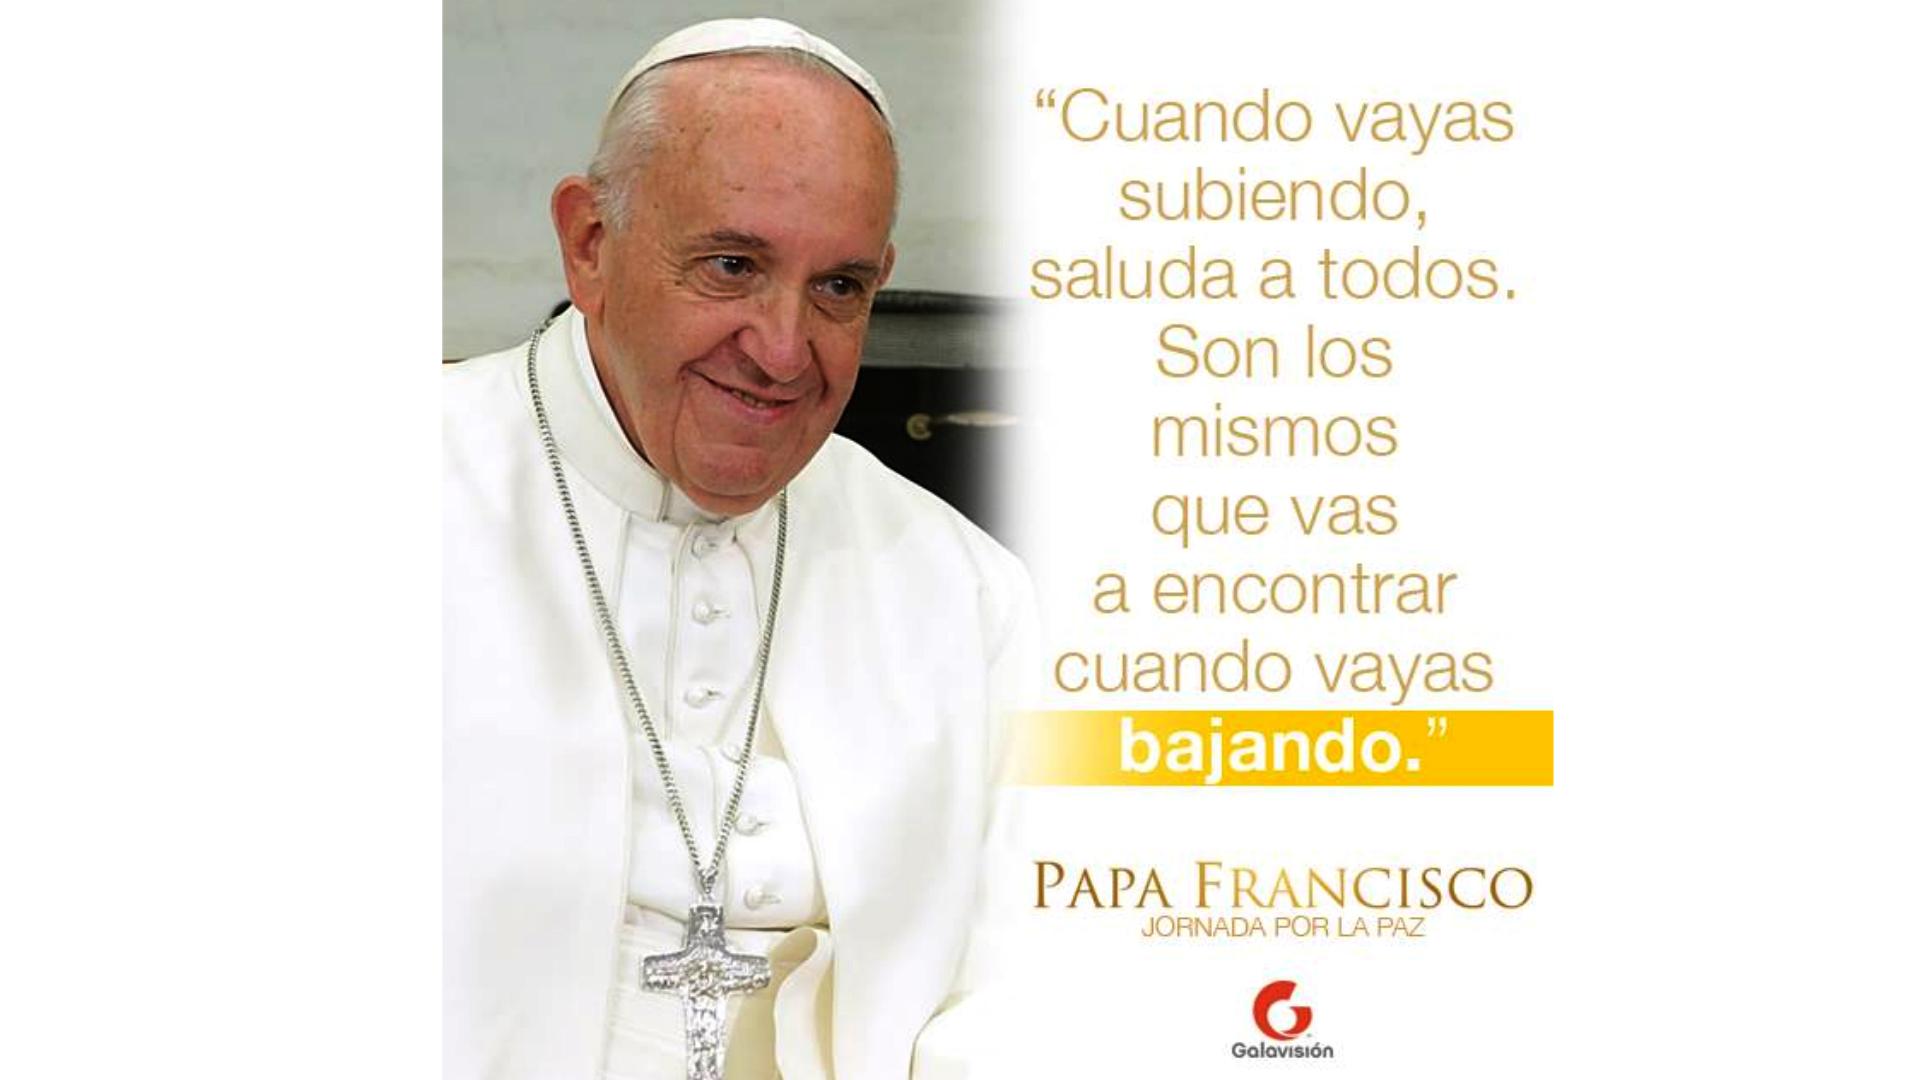 Las Mejores Frases De Papa Francisco Galavisión Univision